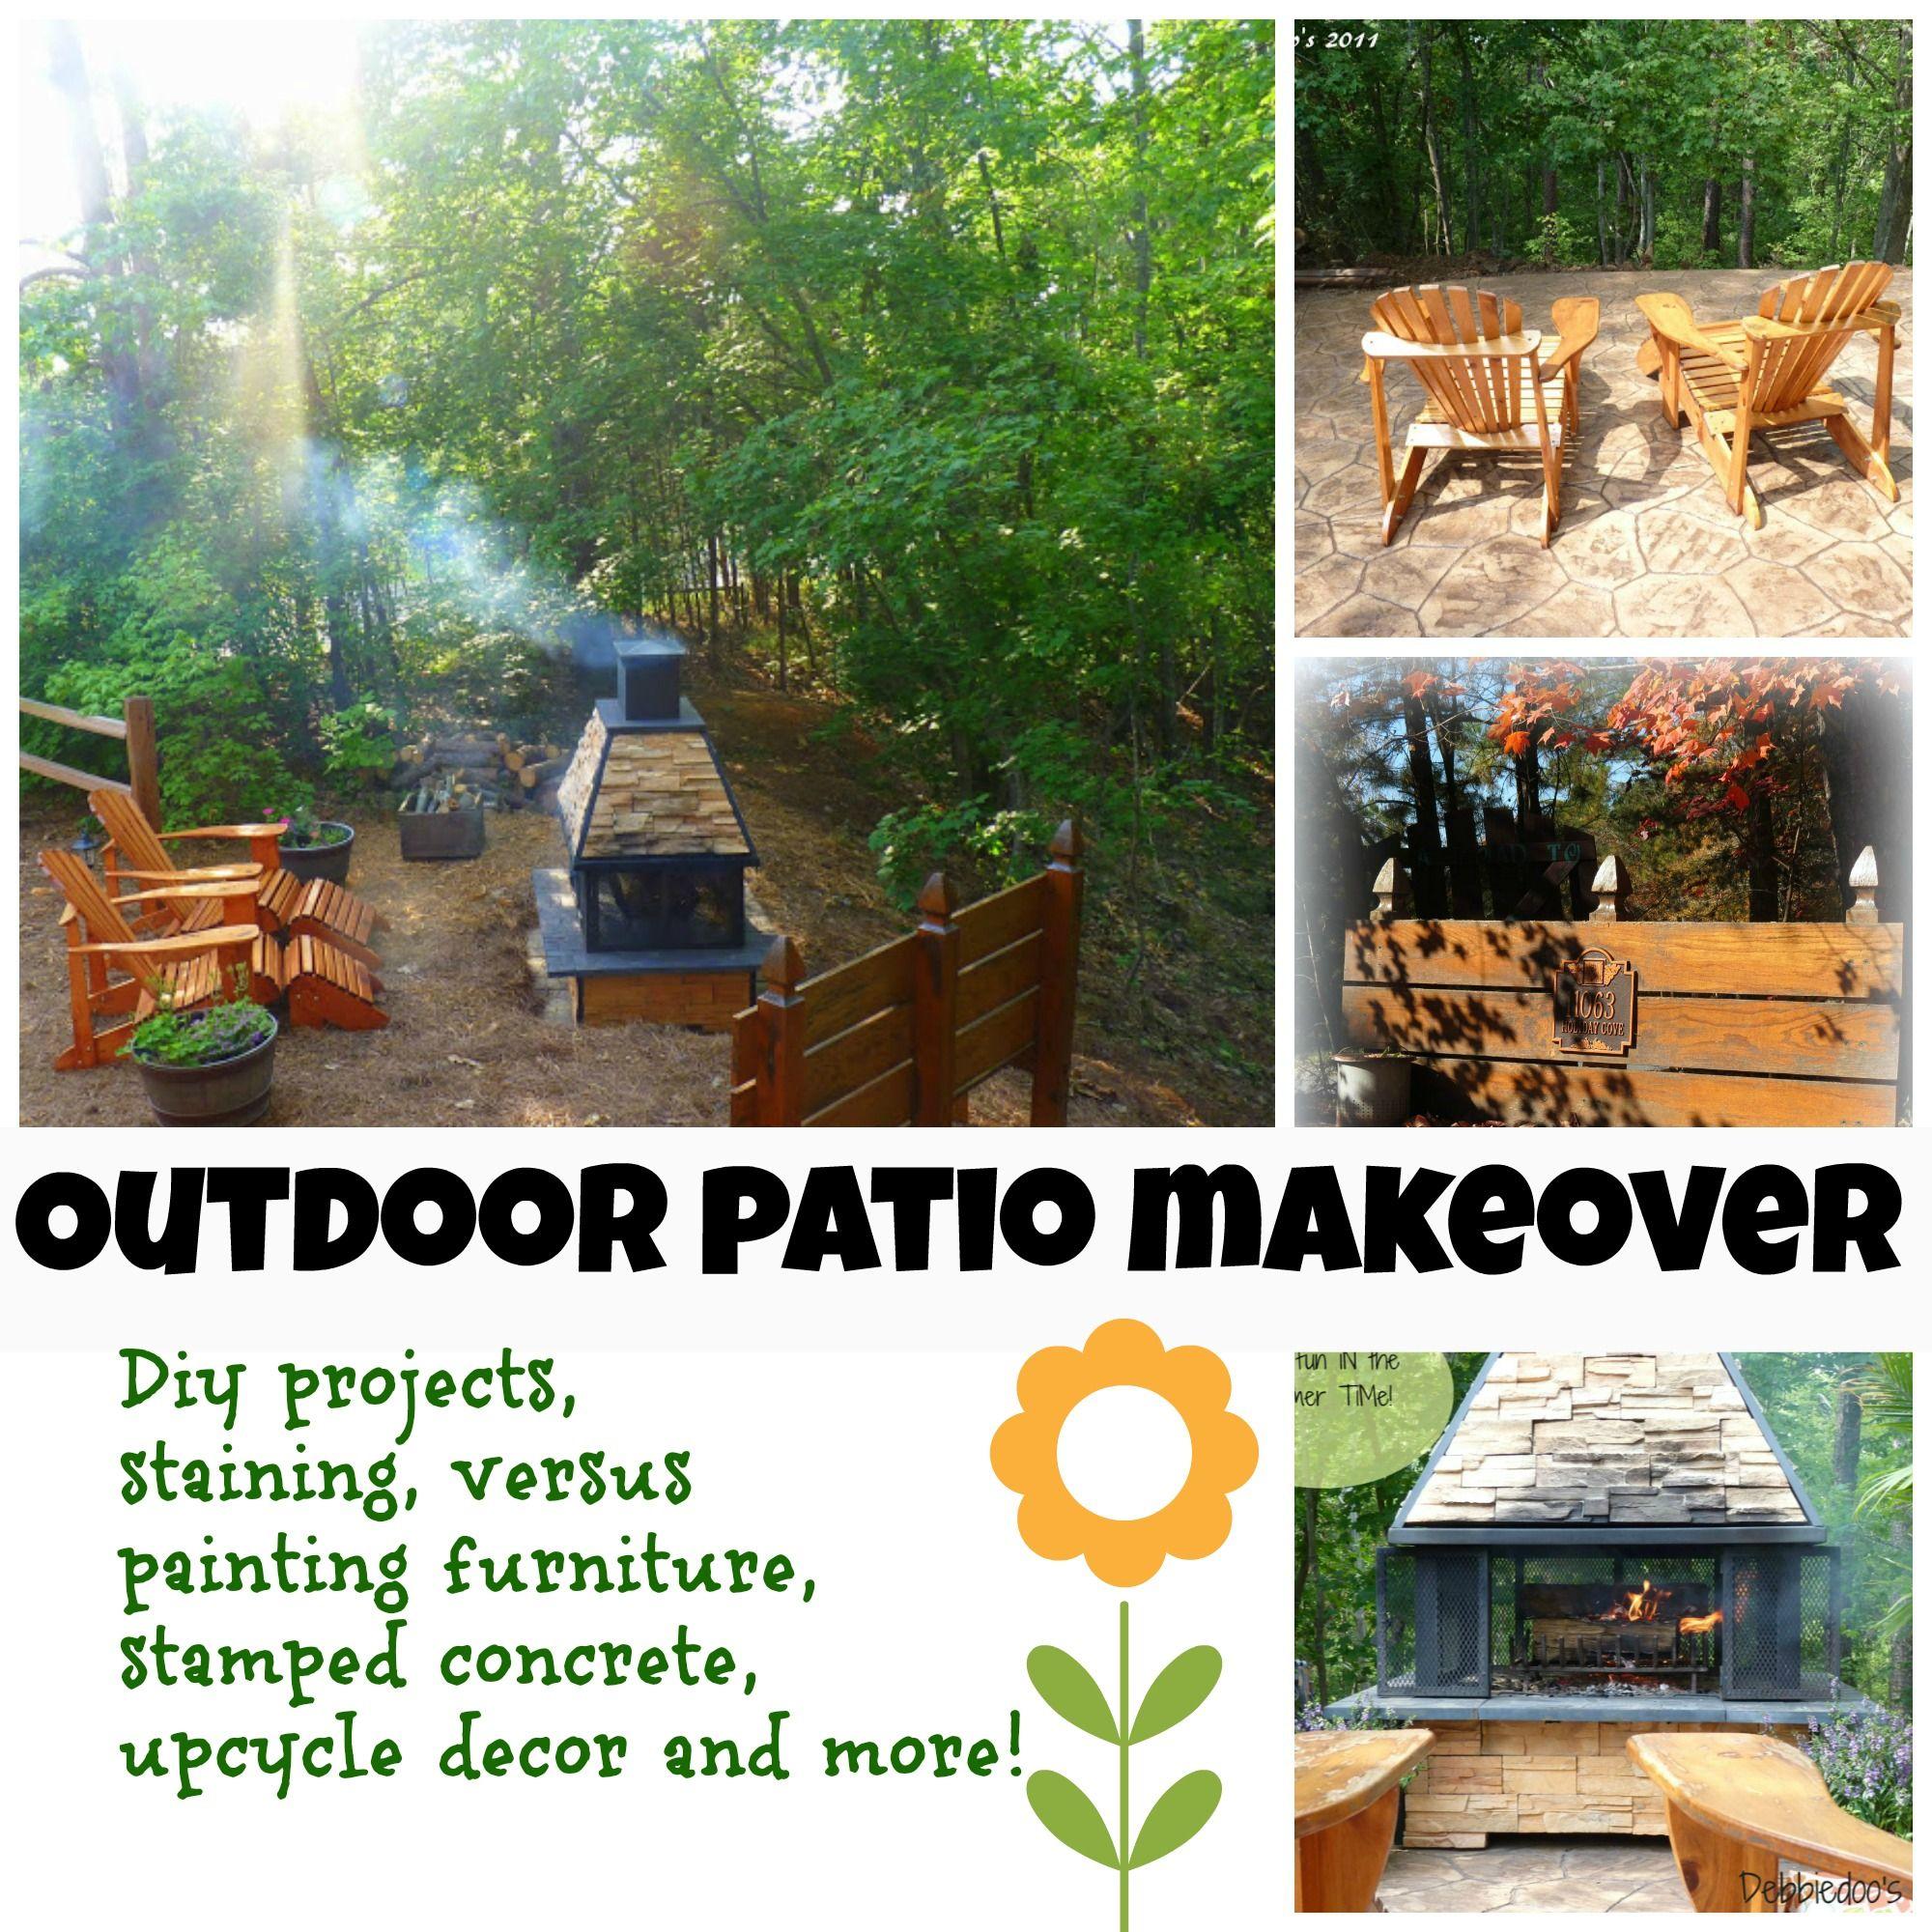 Elegant Outdoor Garden Patio And Diy Projects   Debbiedoou0027s